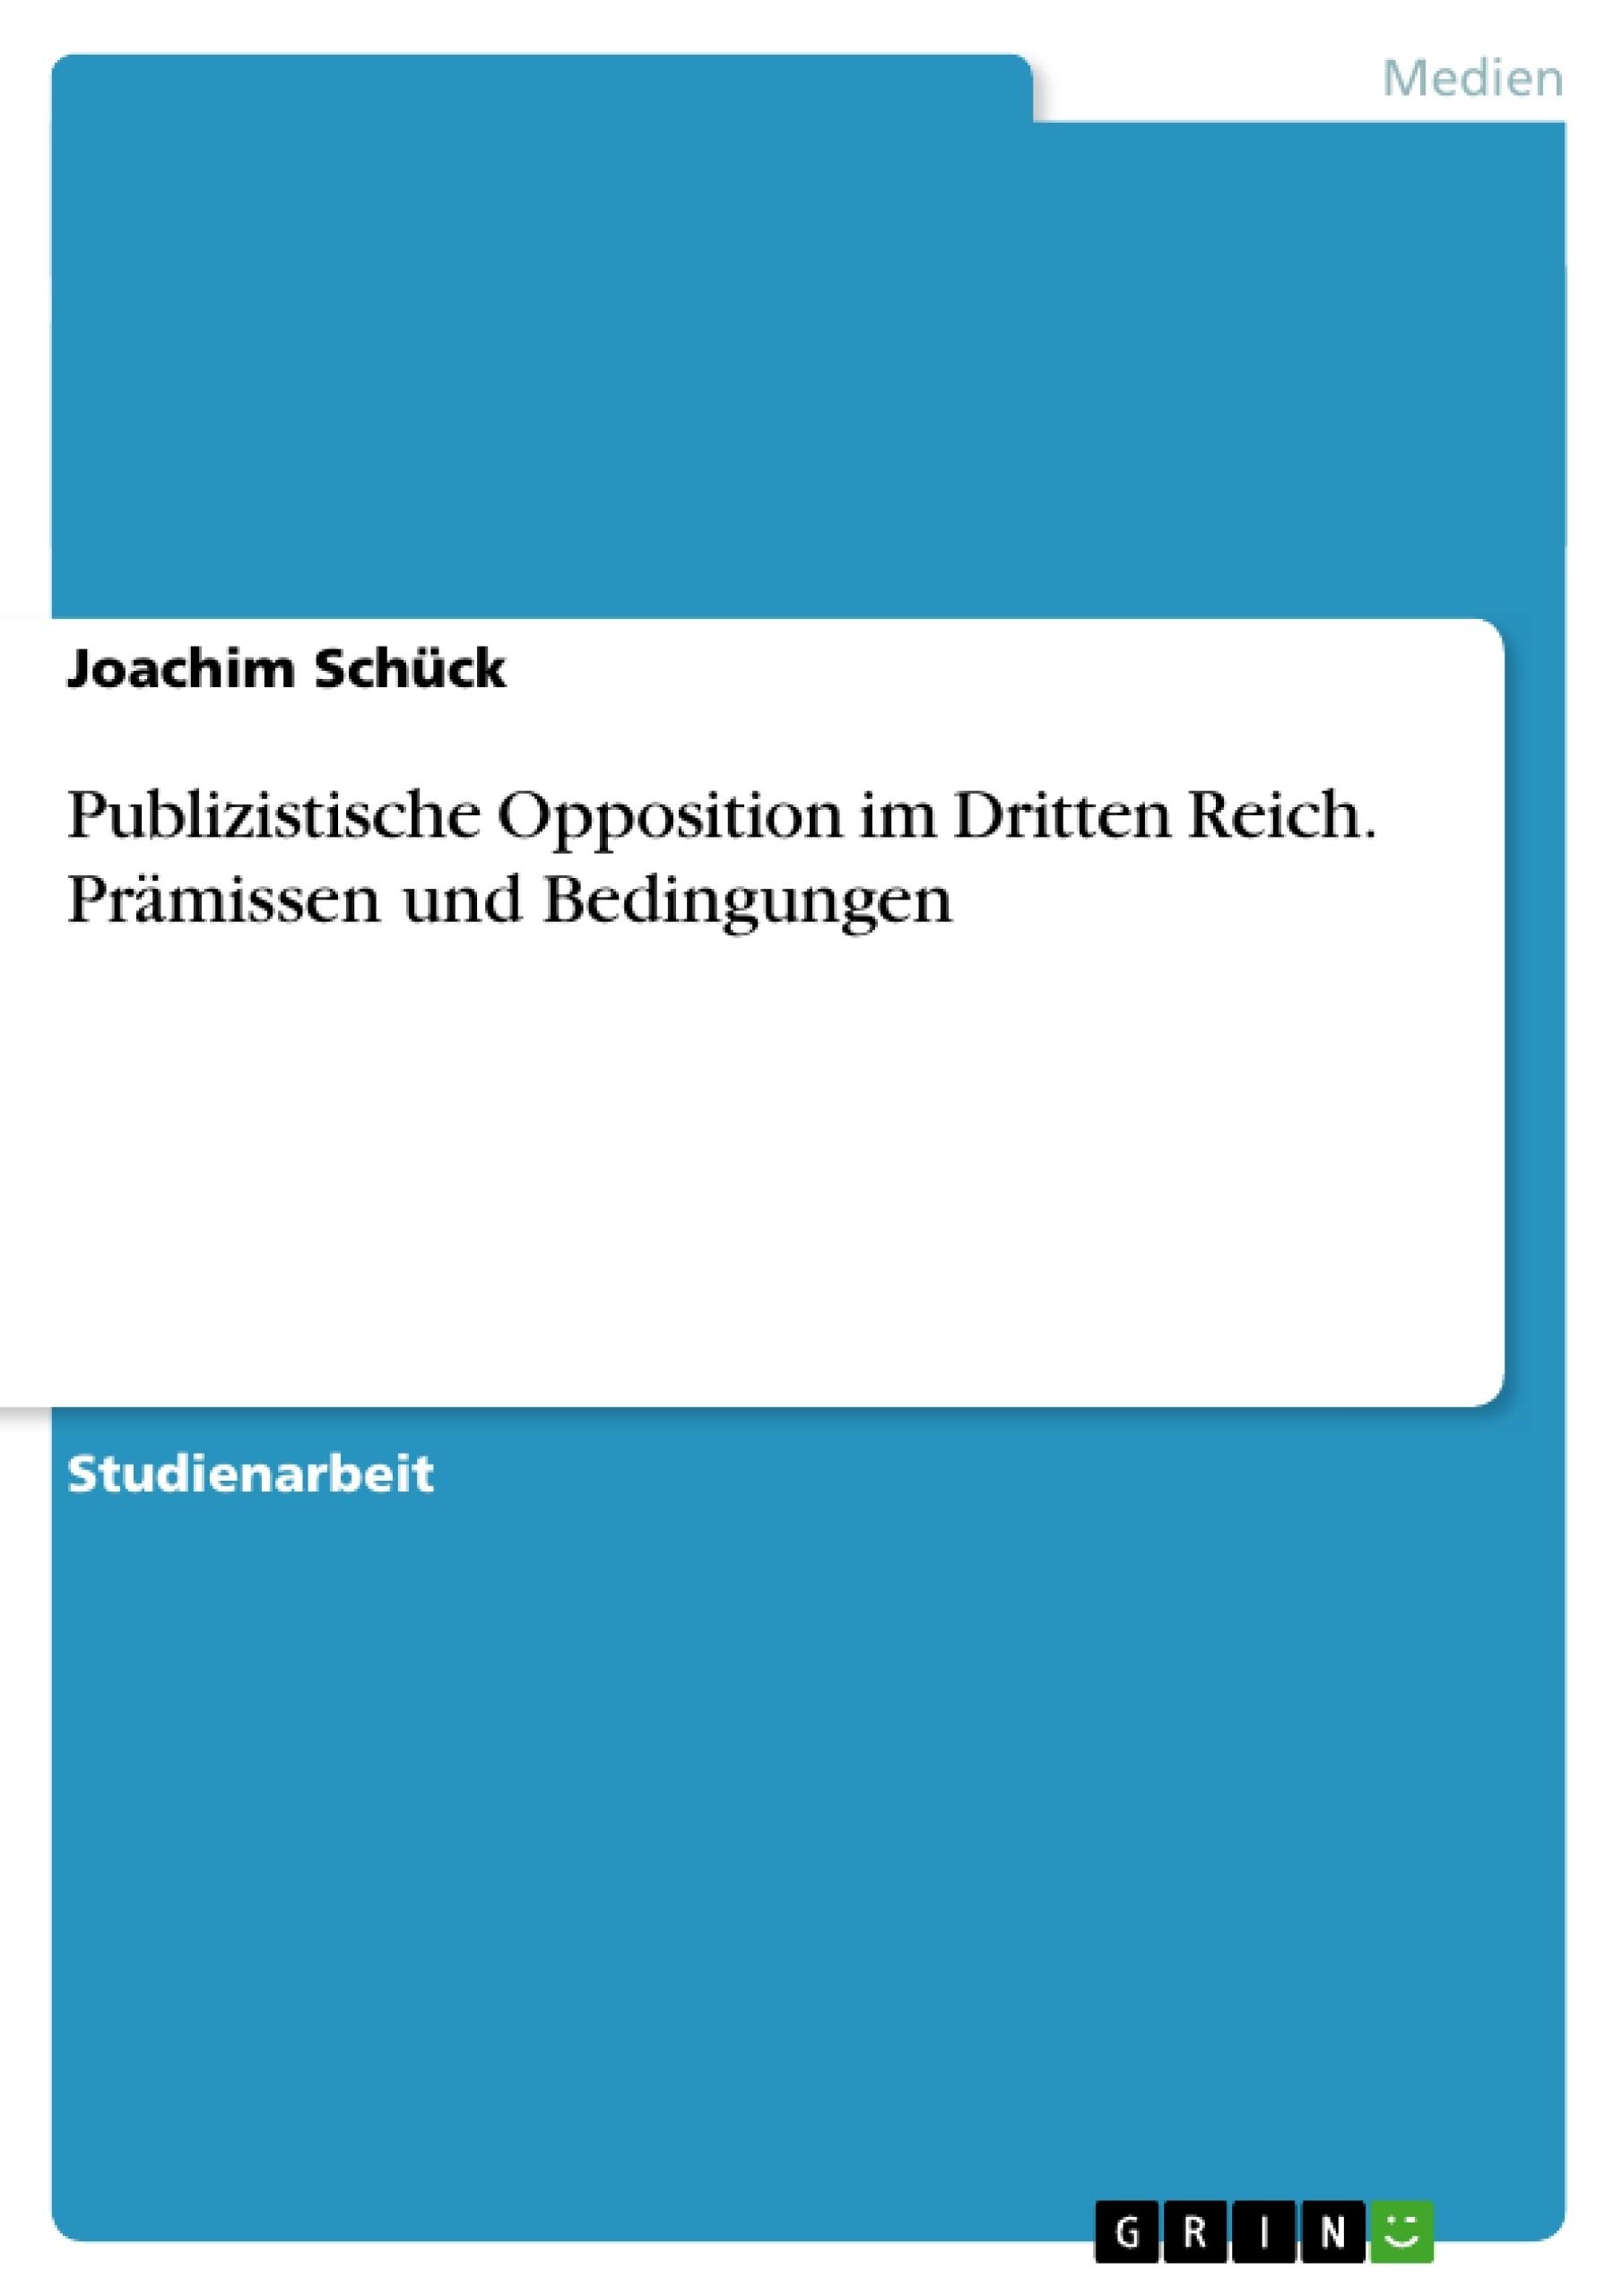 Titel: Publizistische Opposition im Dritten Reich. Prämissen und Bedingungen